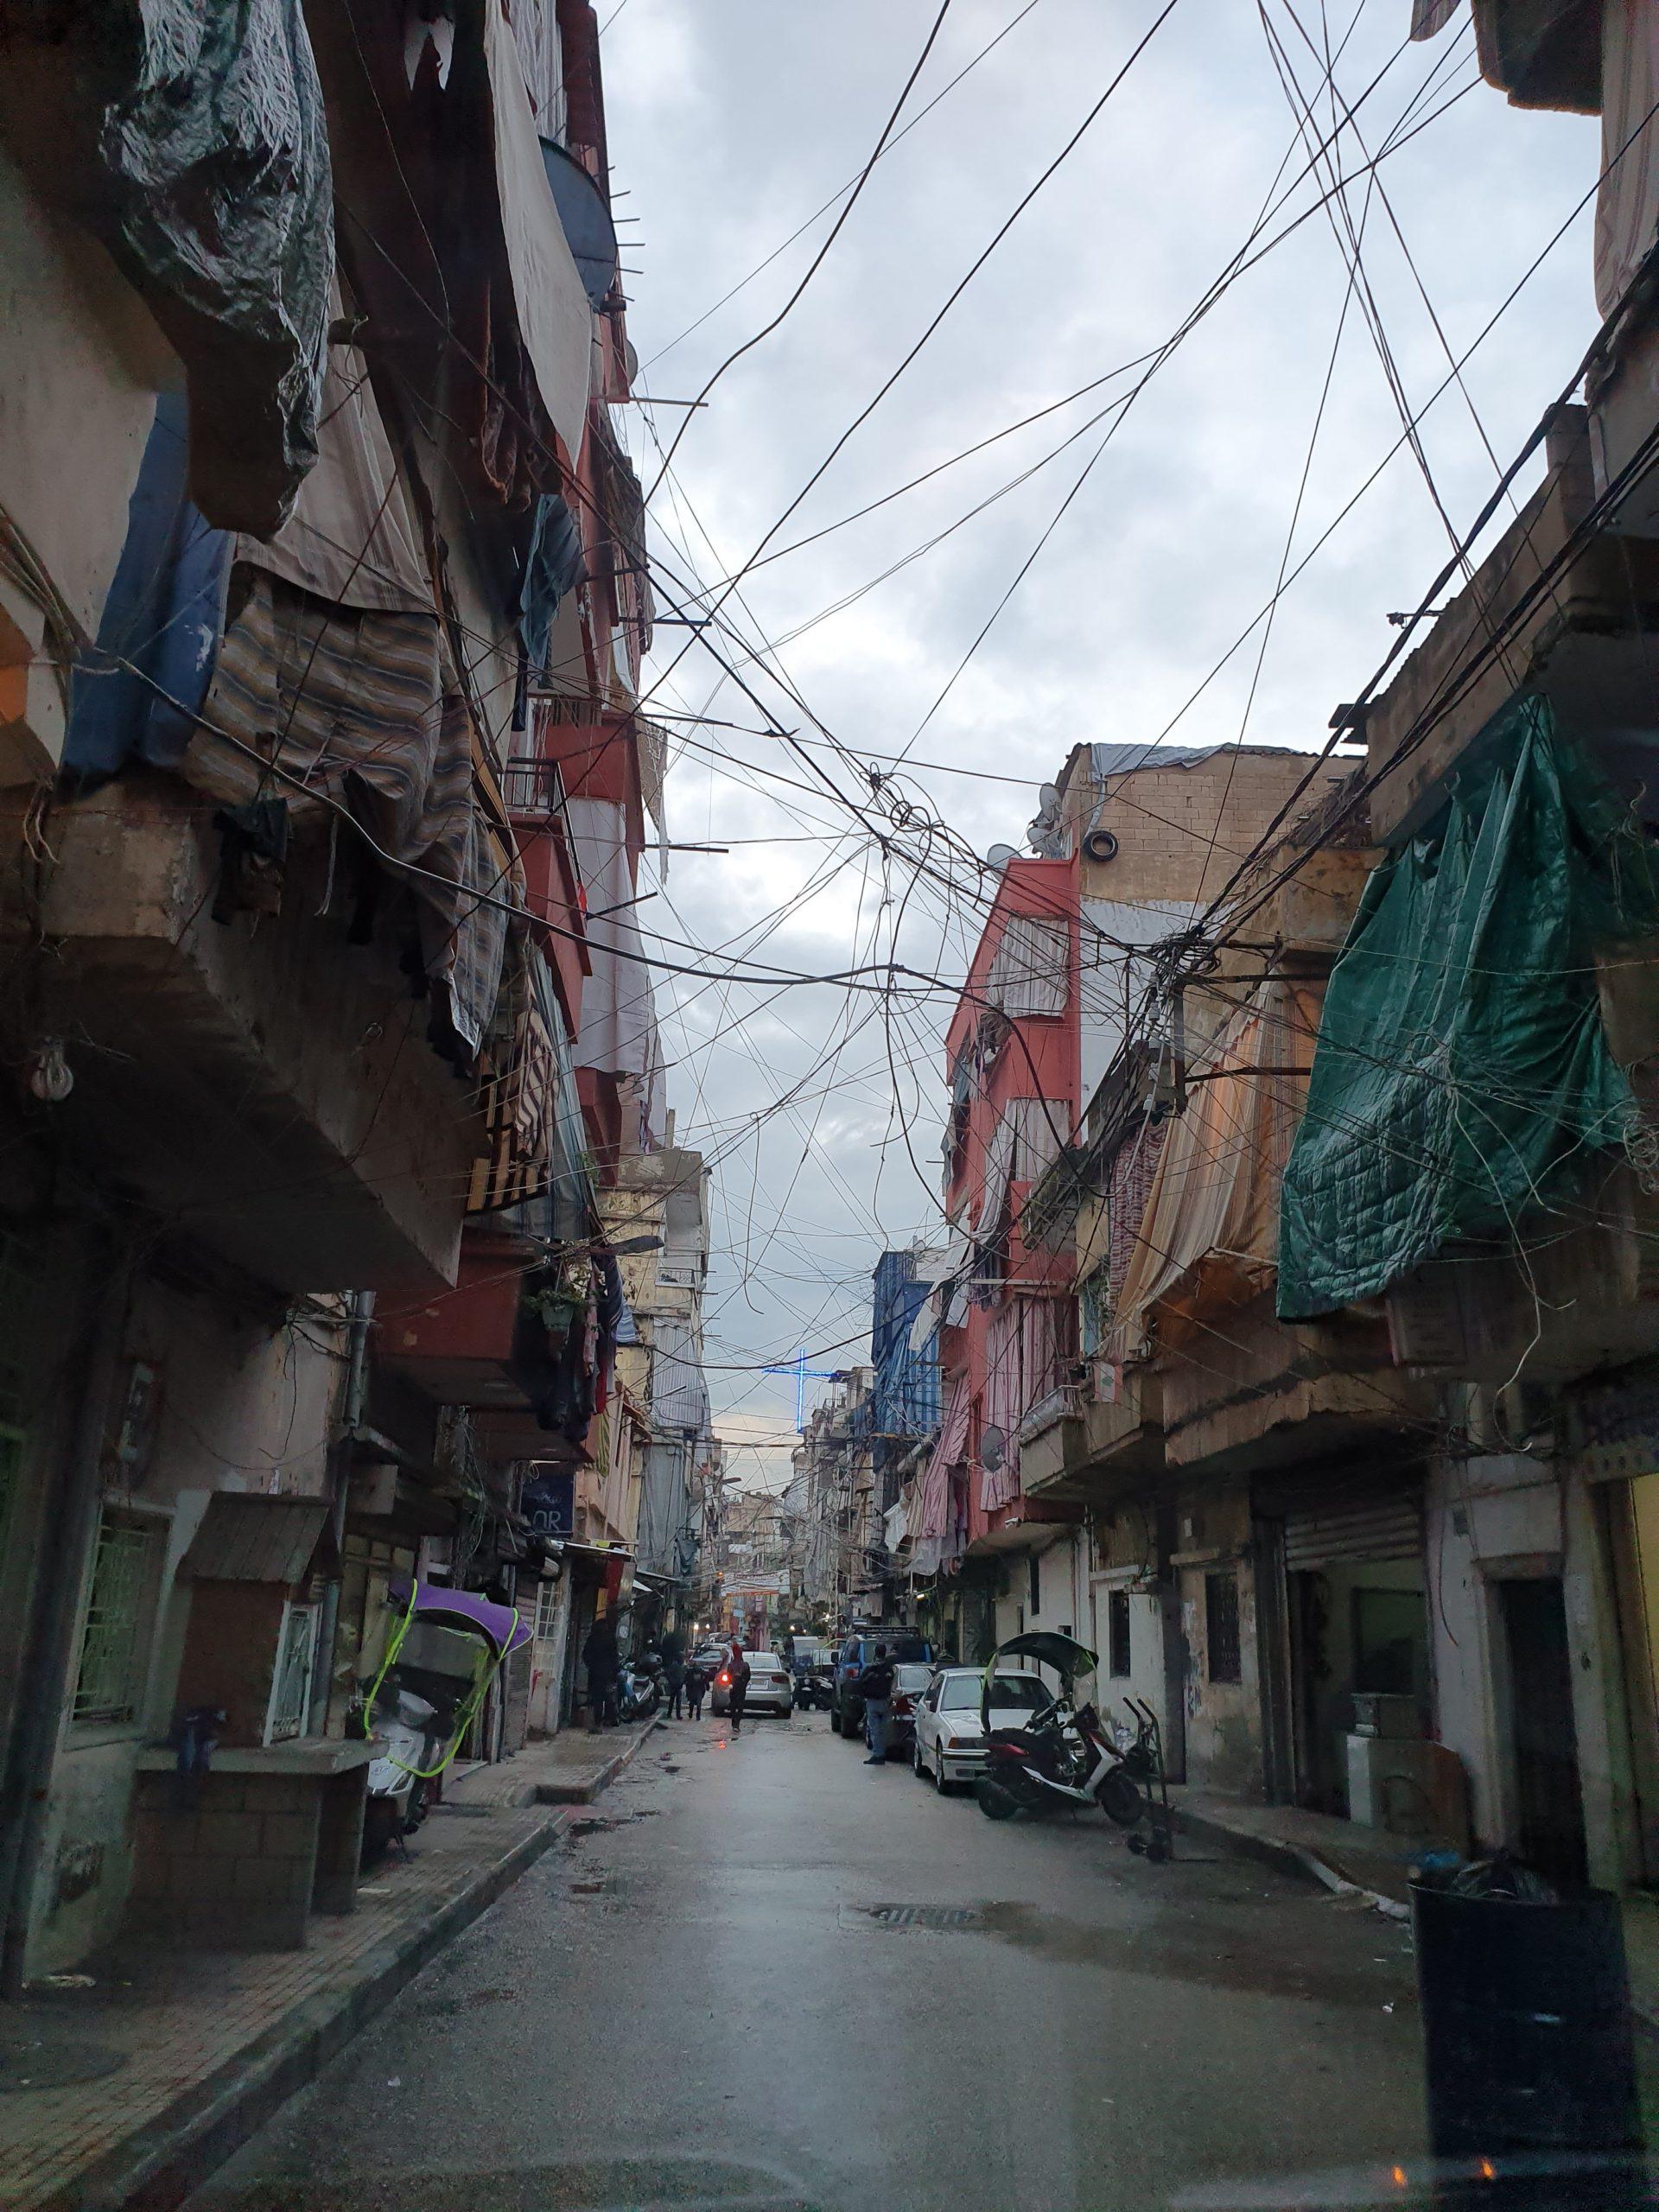 Tisíce lidí v Libanonu se potýkají s neúnosnou mírou chudoby